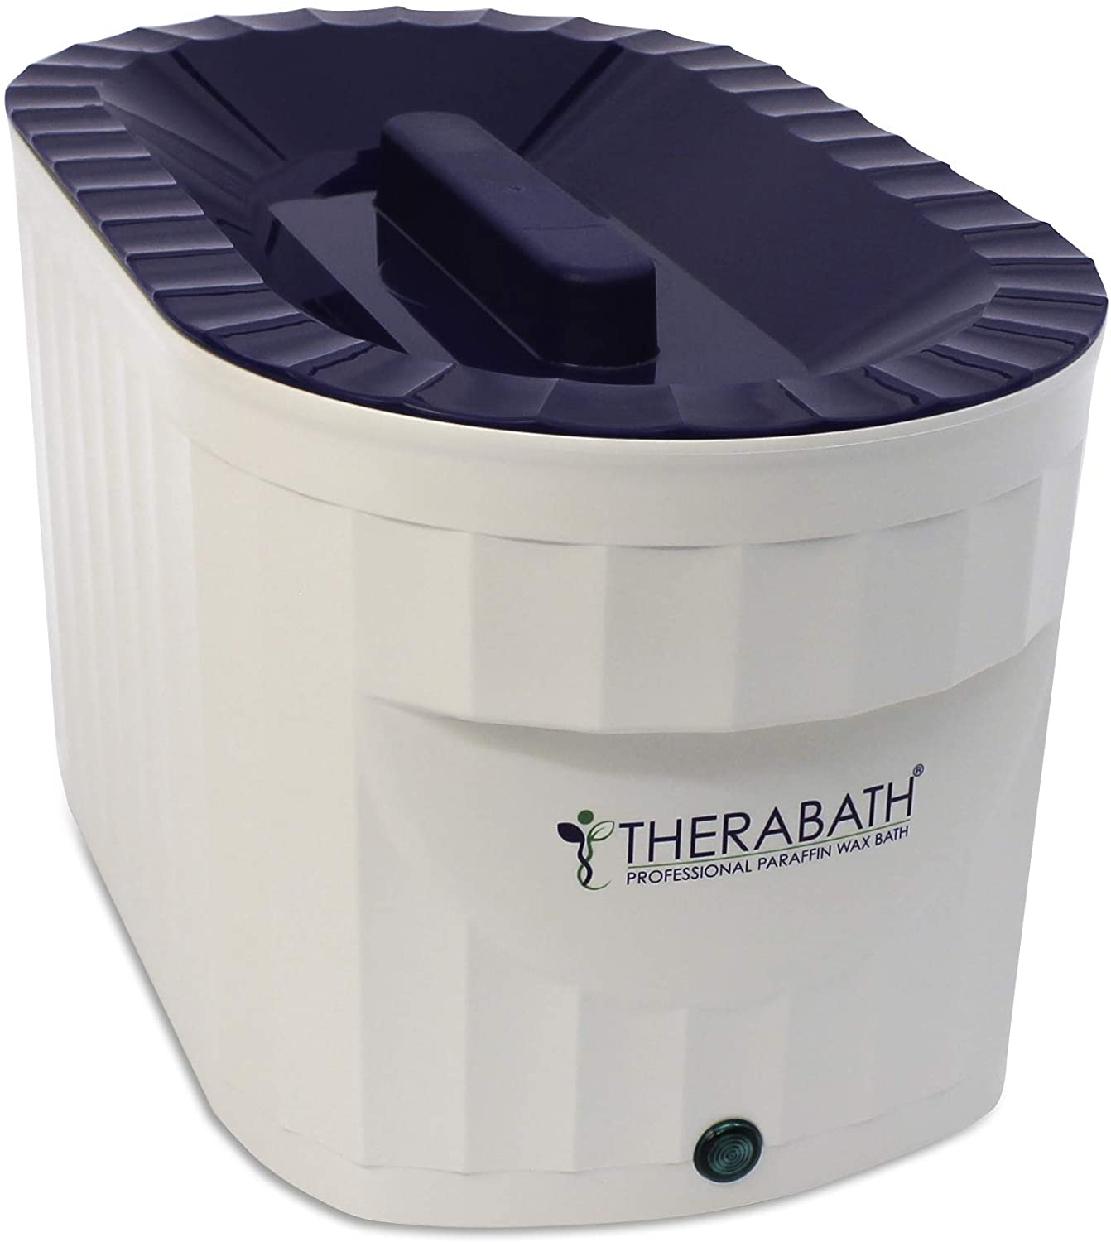 THERABATH(セラバス) セラバス(パラフィンピーチ6P入)の商品画像4